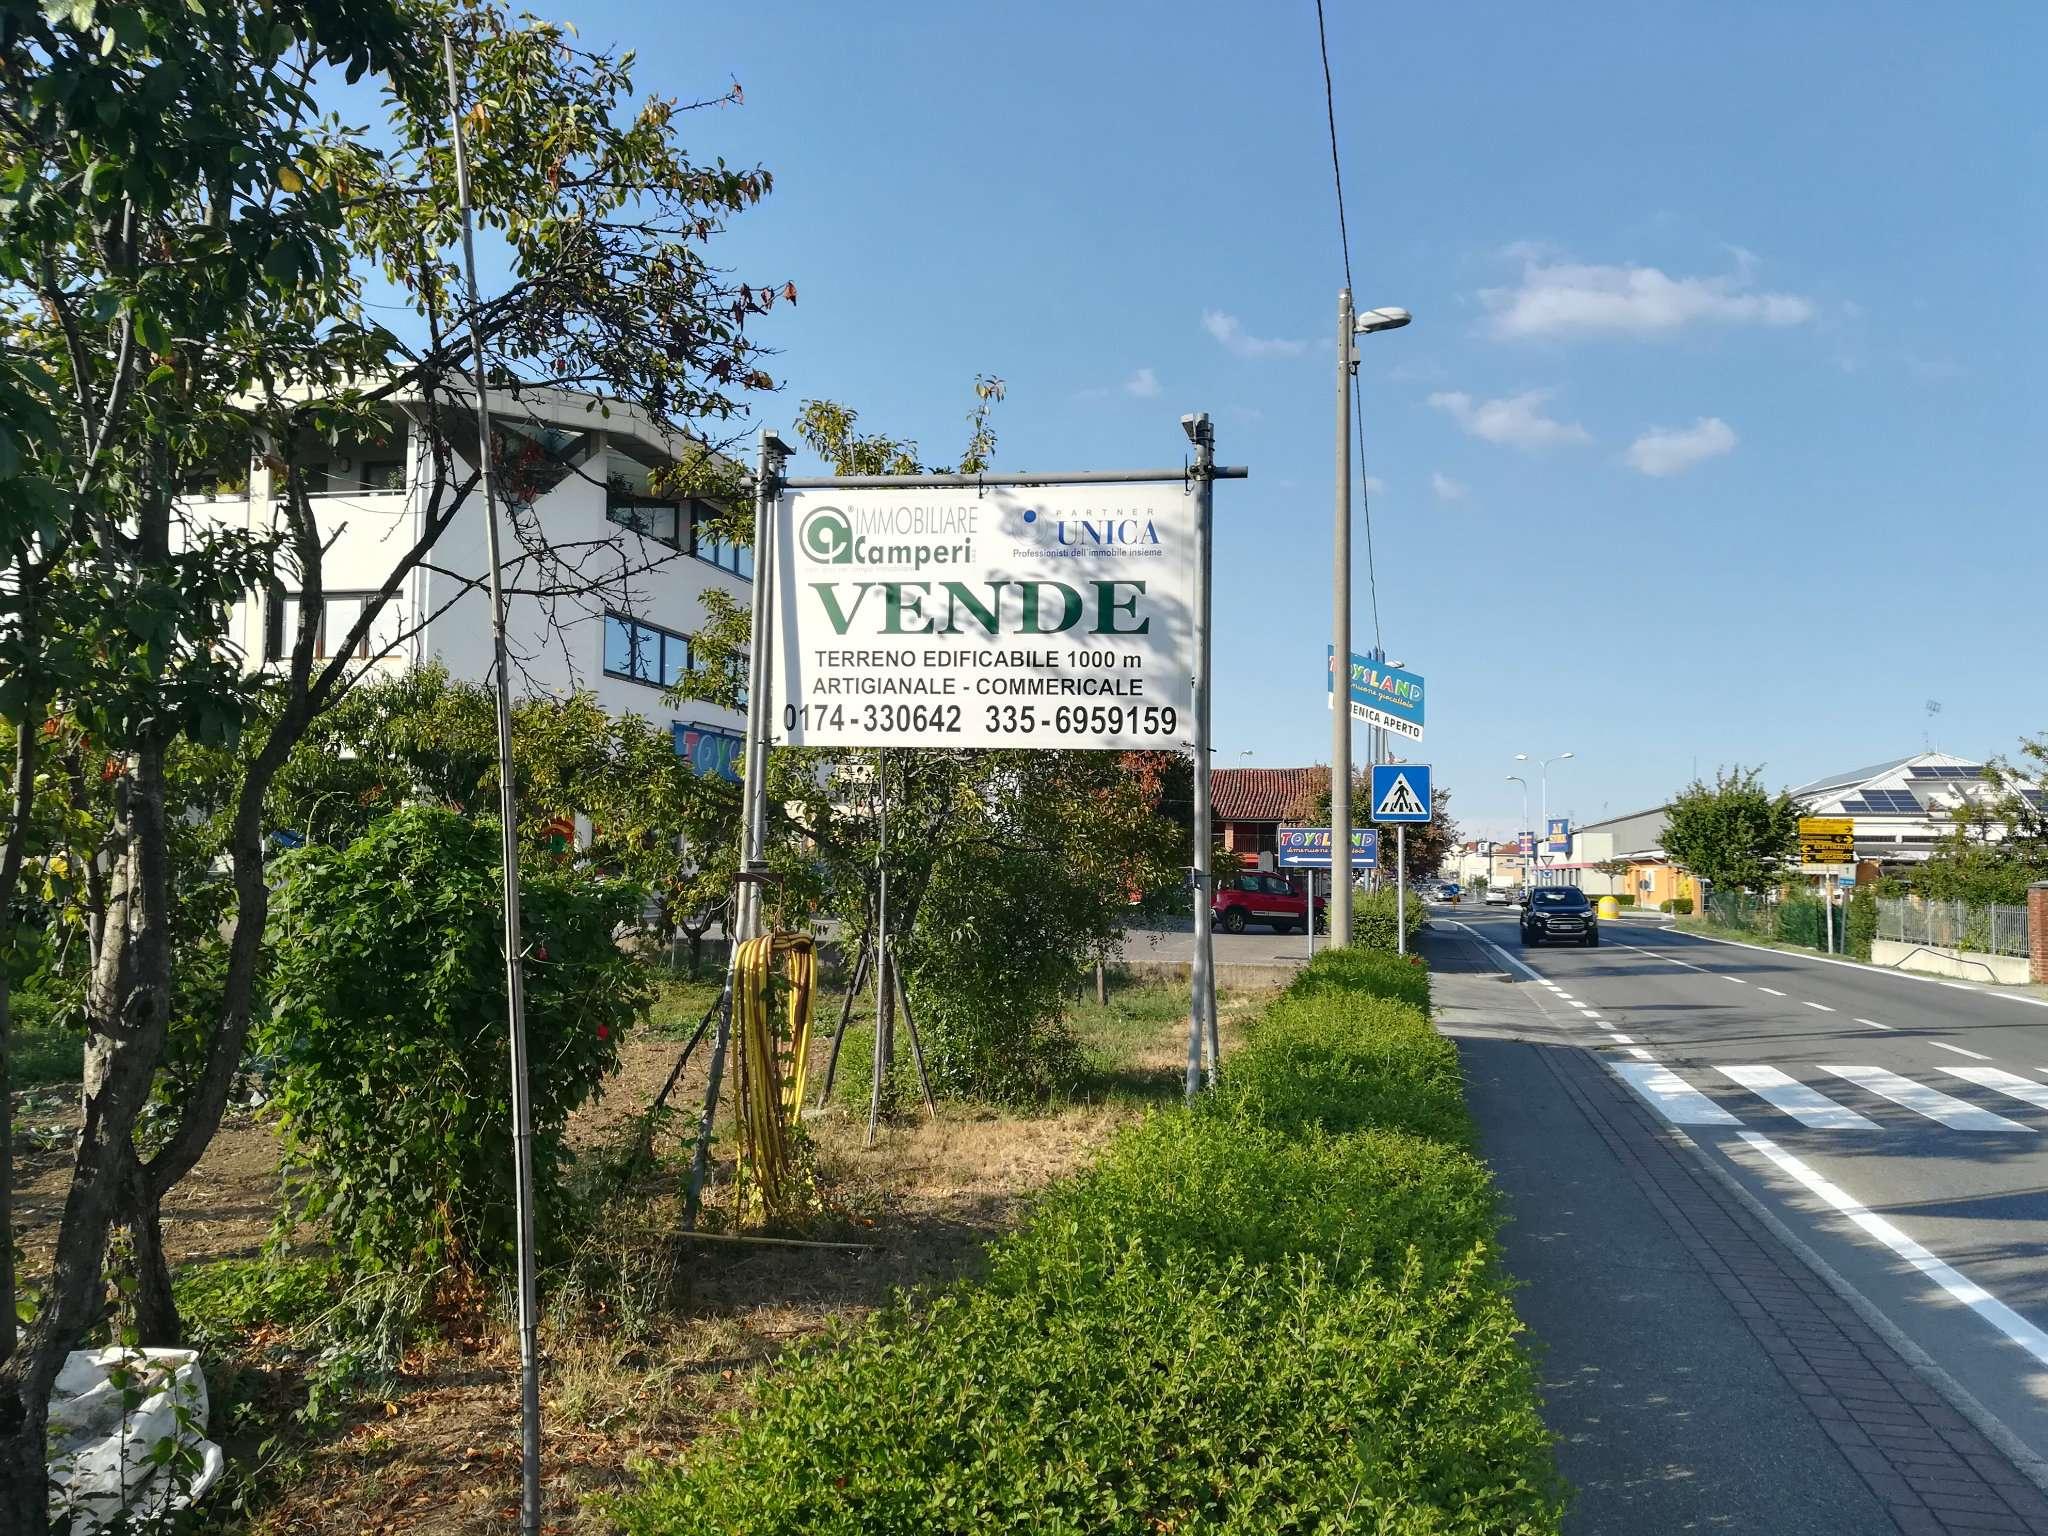 Terreno Edificabile Artigianale in vendita a Mondovì, 9999 locali, prezzo € 110.000 | CambioCasa.it